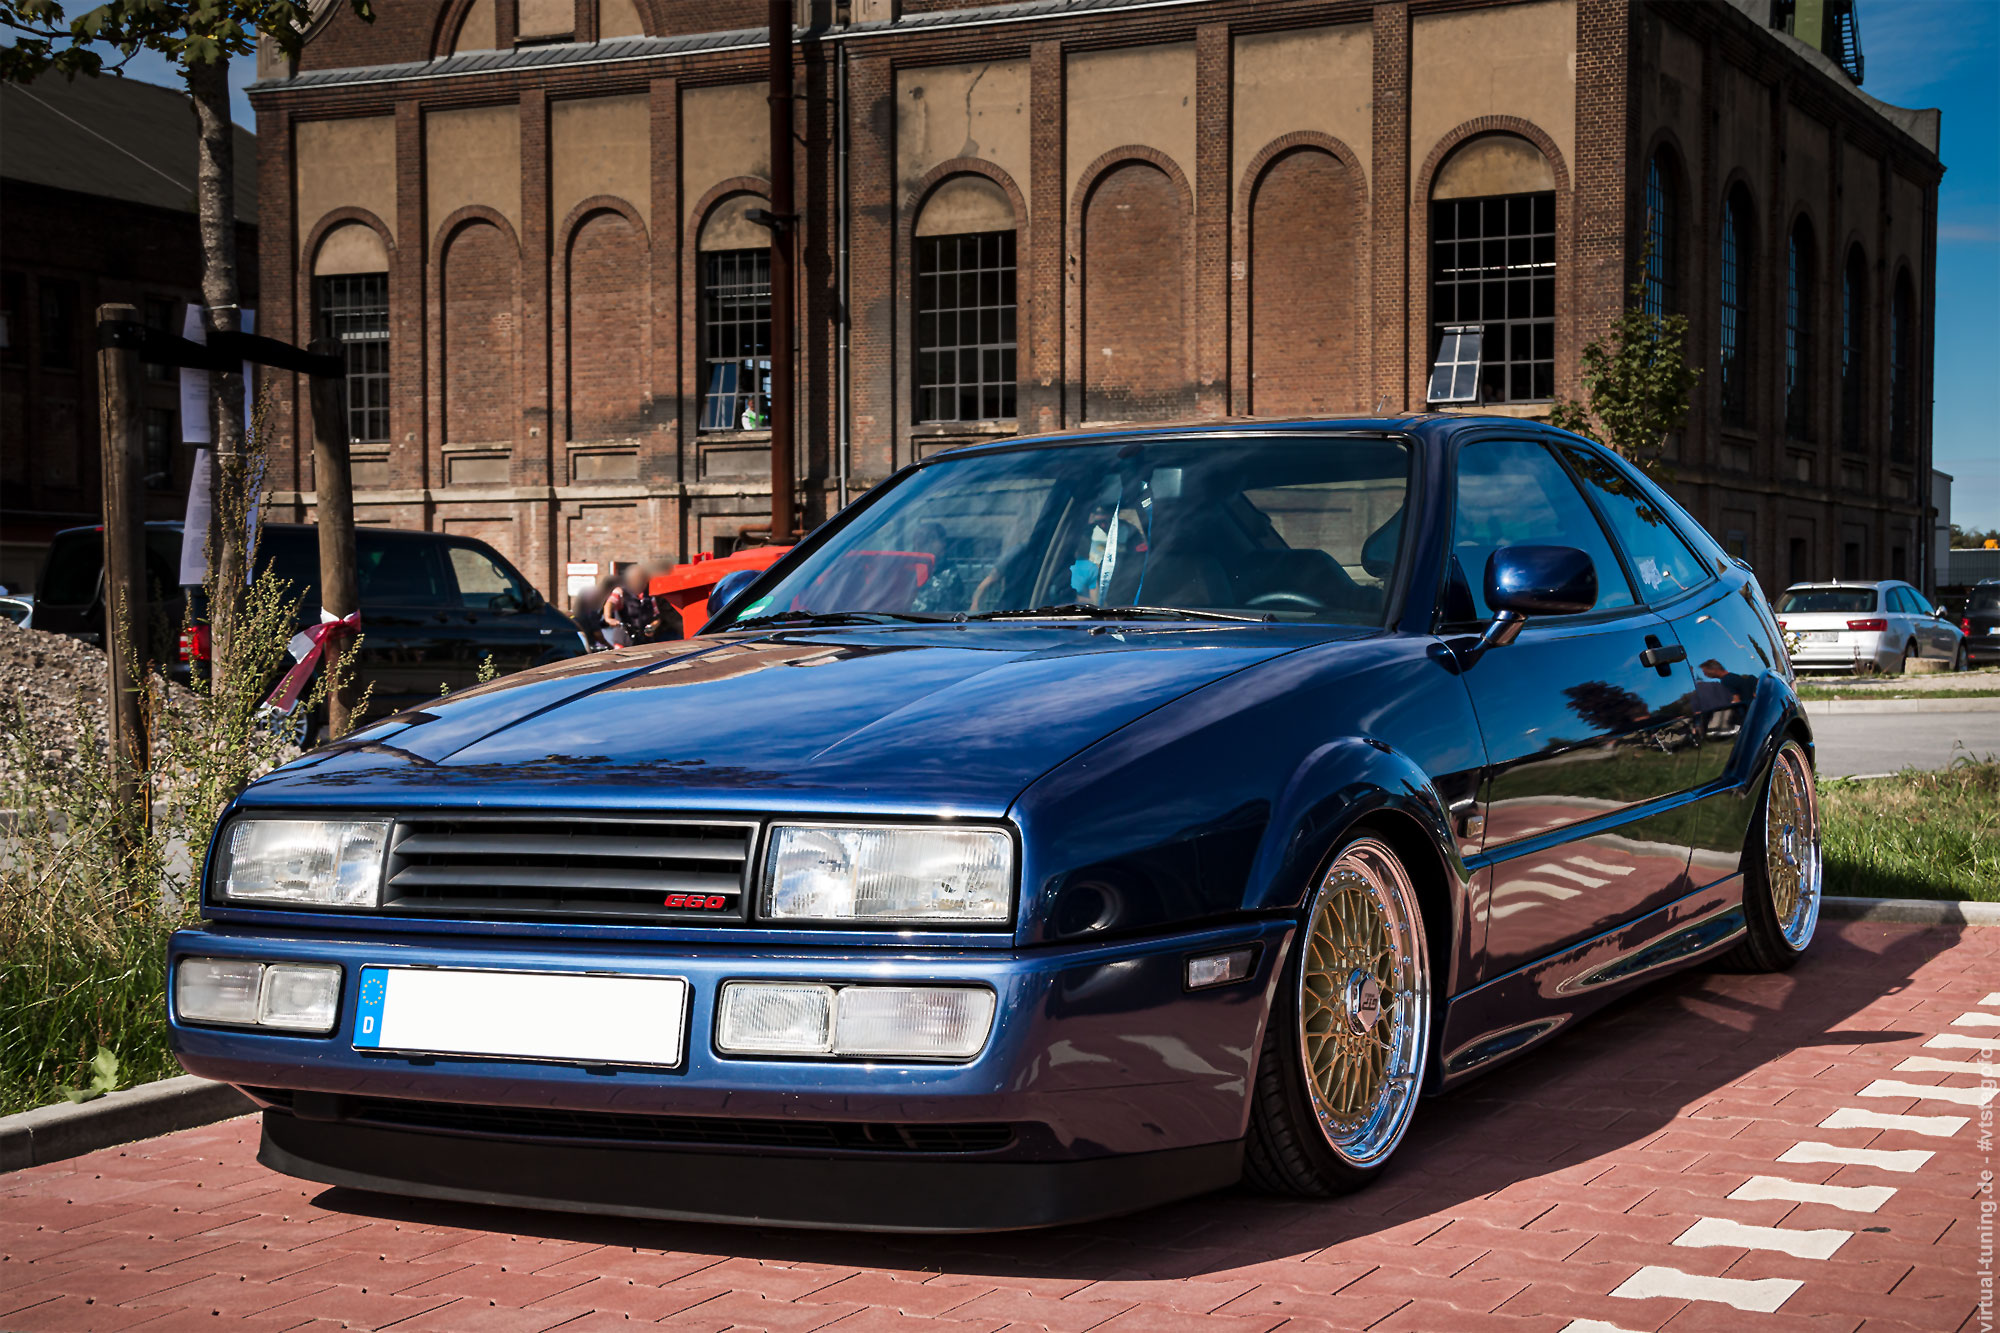 Volkswagen Corrado G60 - Glück Auf !!! Tuning trifft Kultur Vol. 2